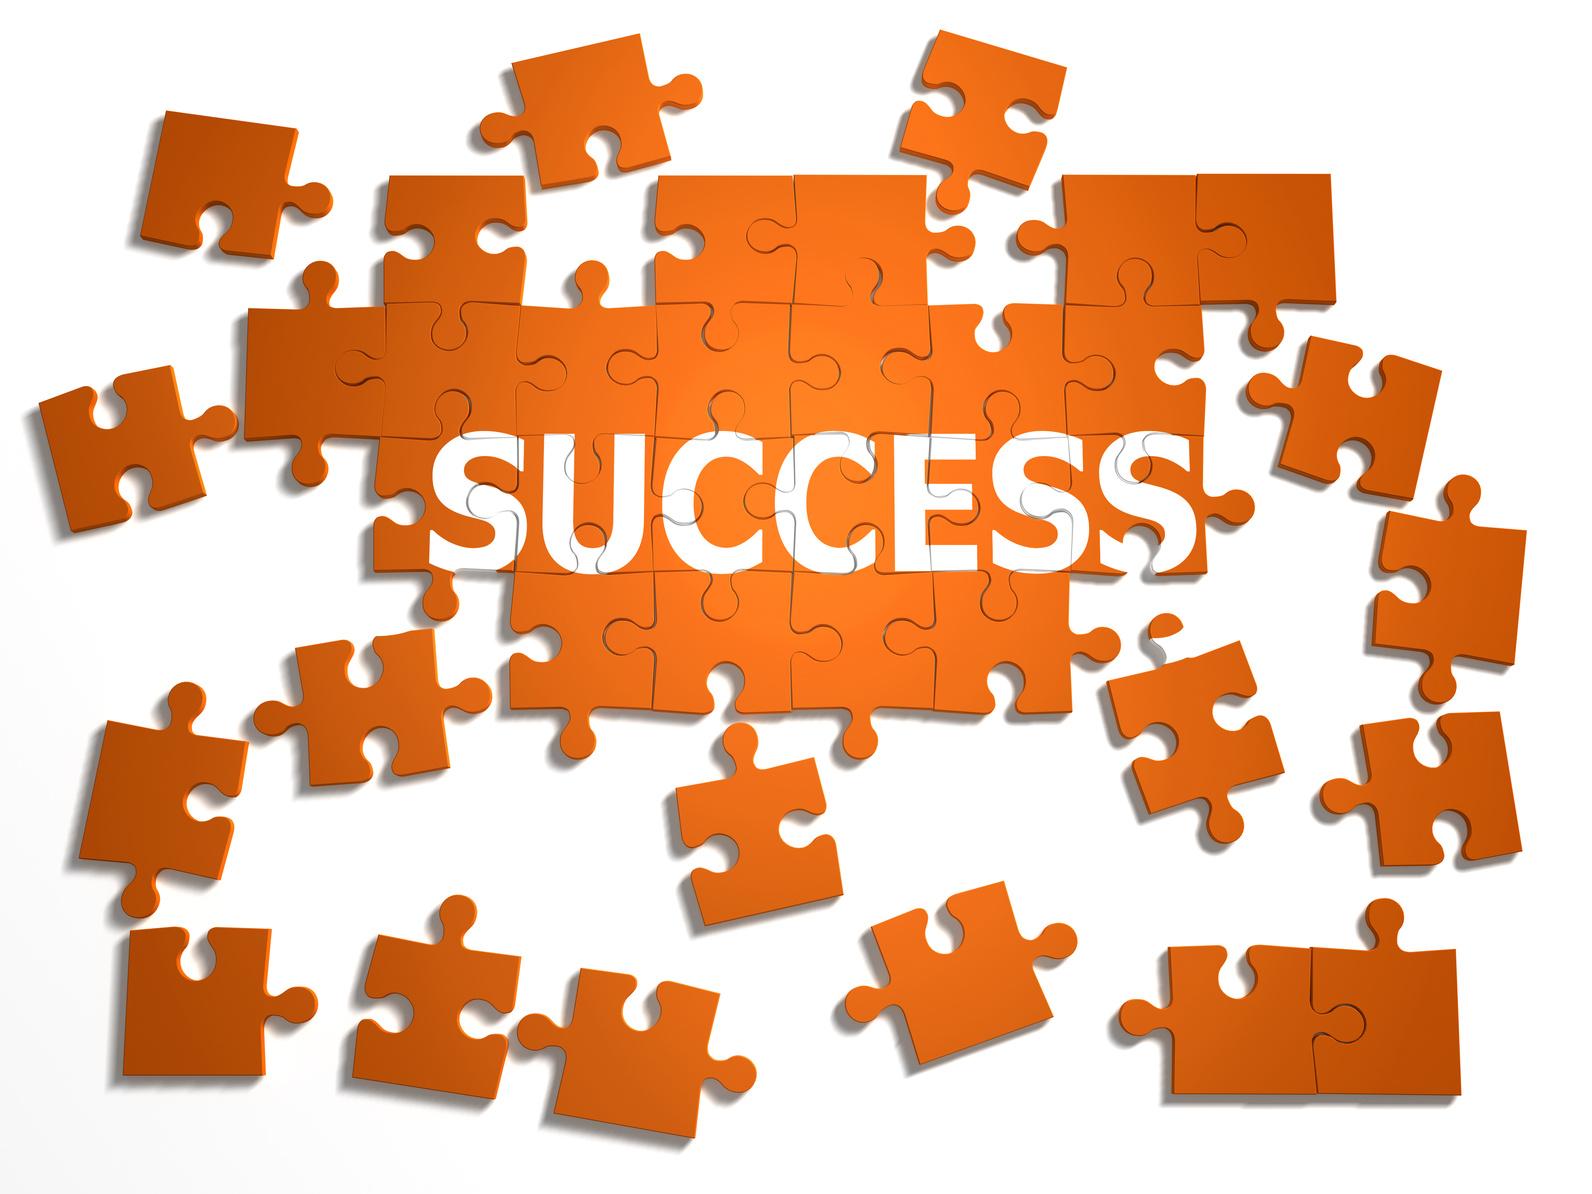 3d Success is a puzzle